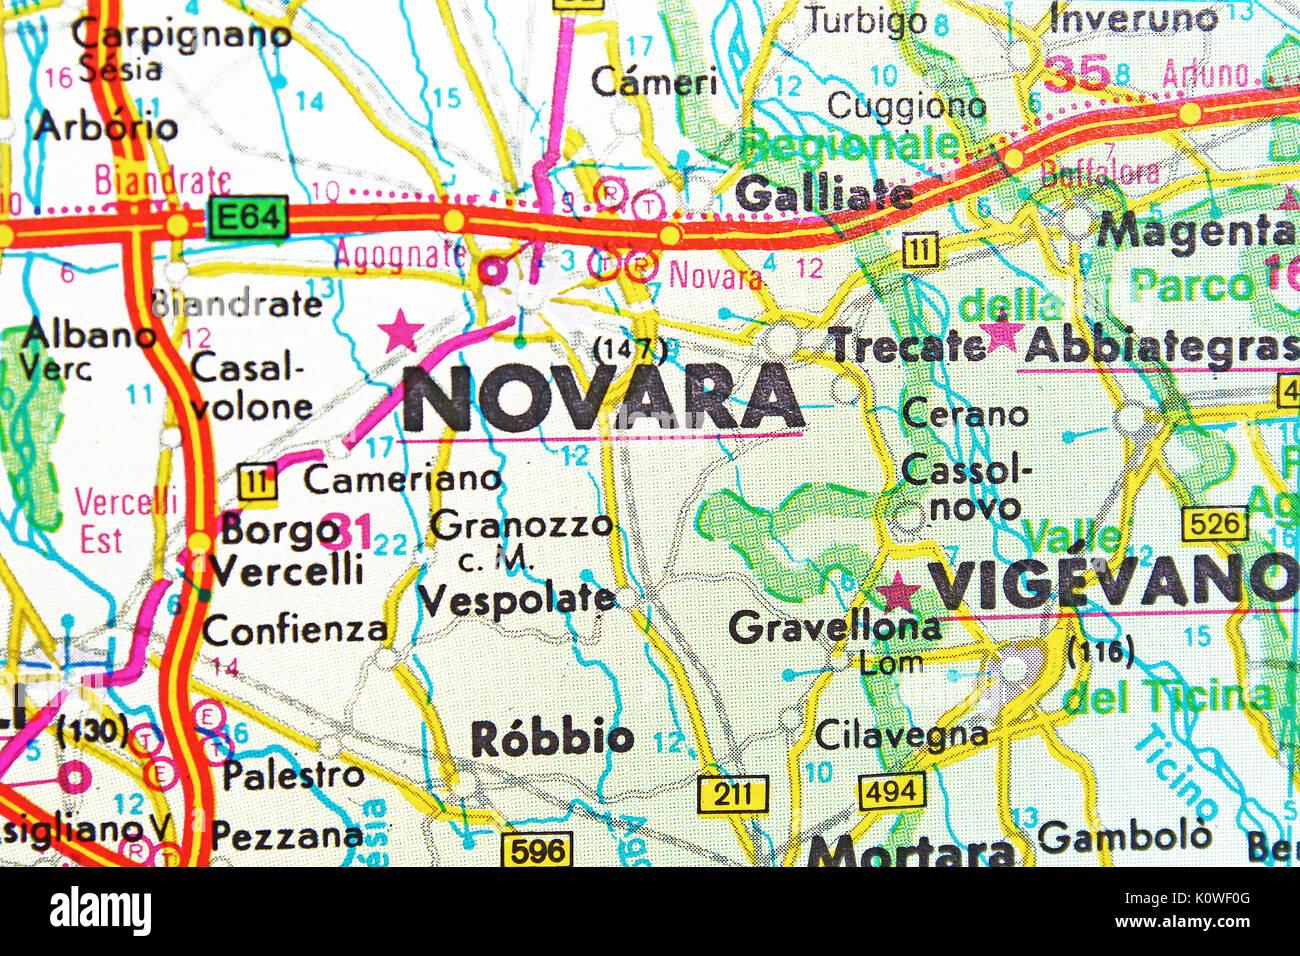 Carte Italie Novara.Novara Map Photos Novara Map Images Alamy